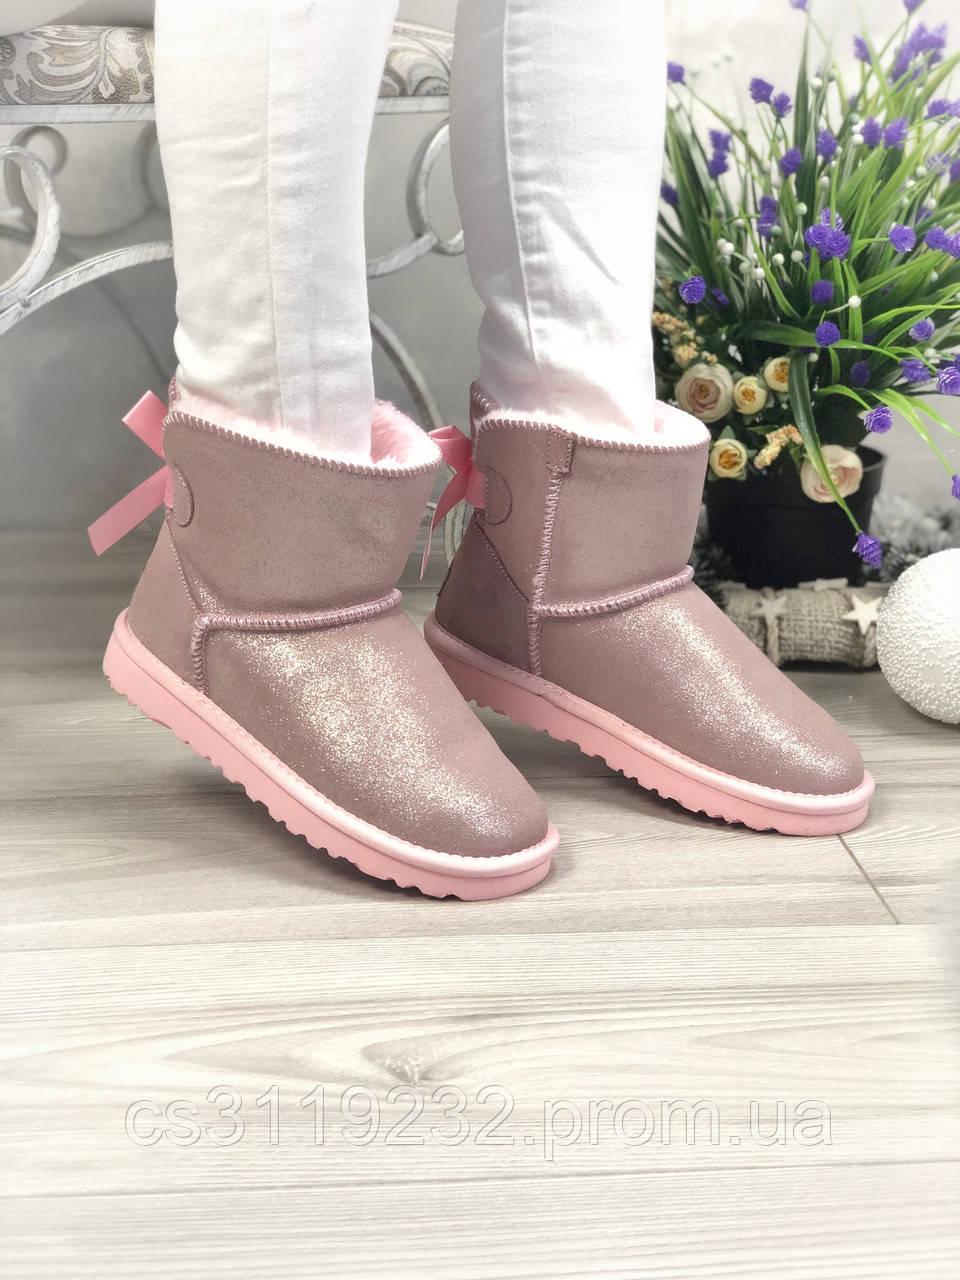 Жіночі чоботи зимові Ugg Low Sude (рожеві)